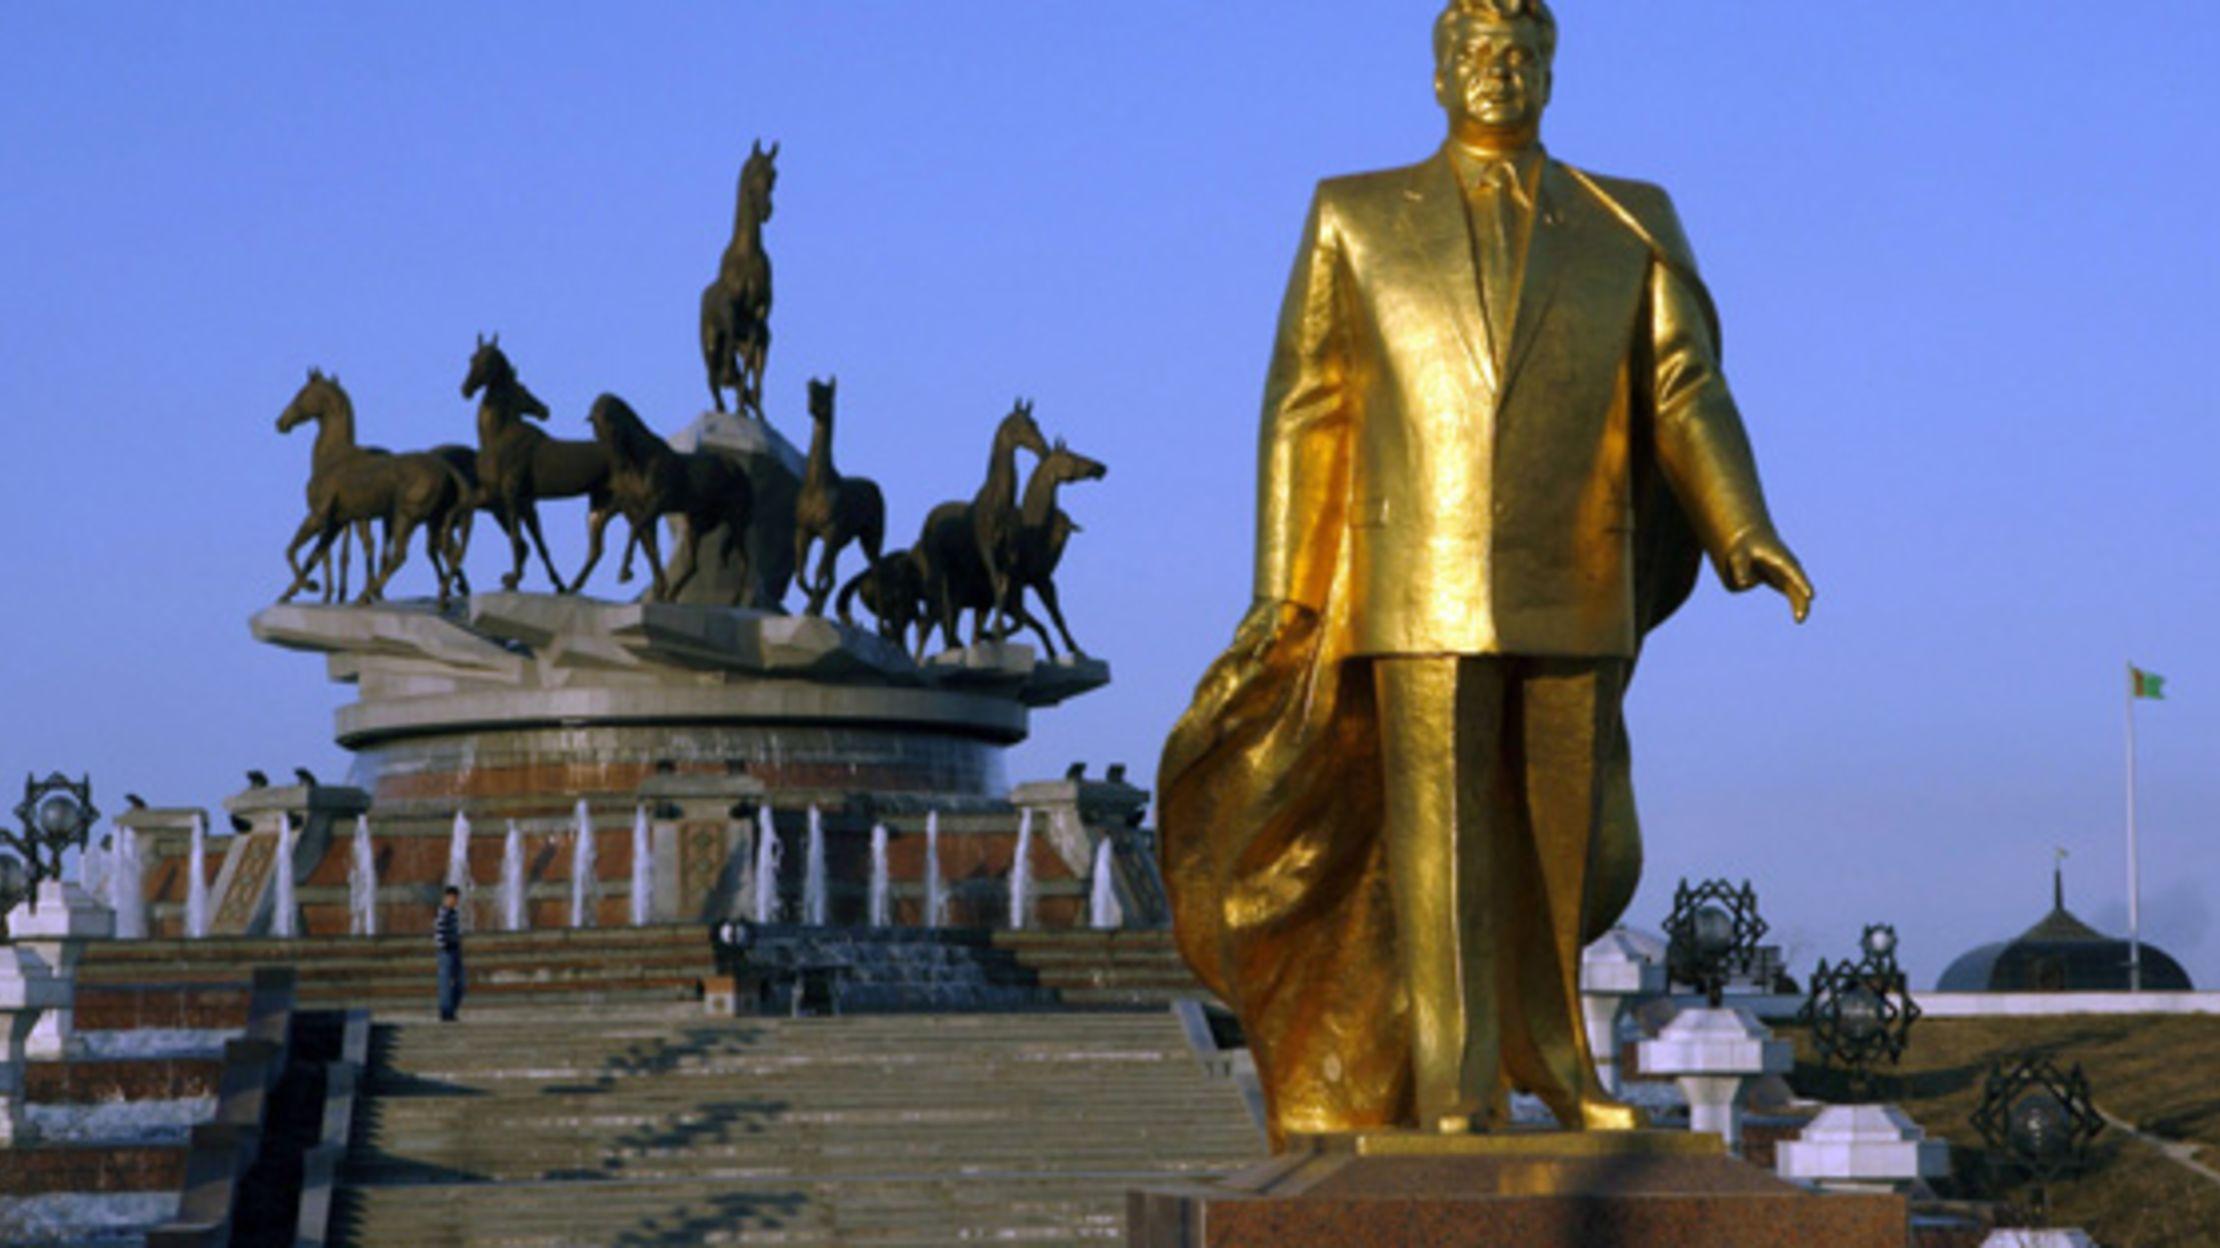 turkmenistan - photo #18